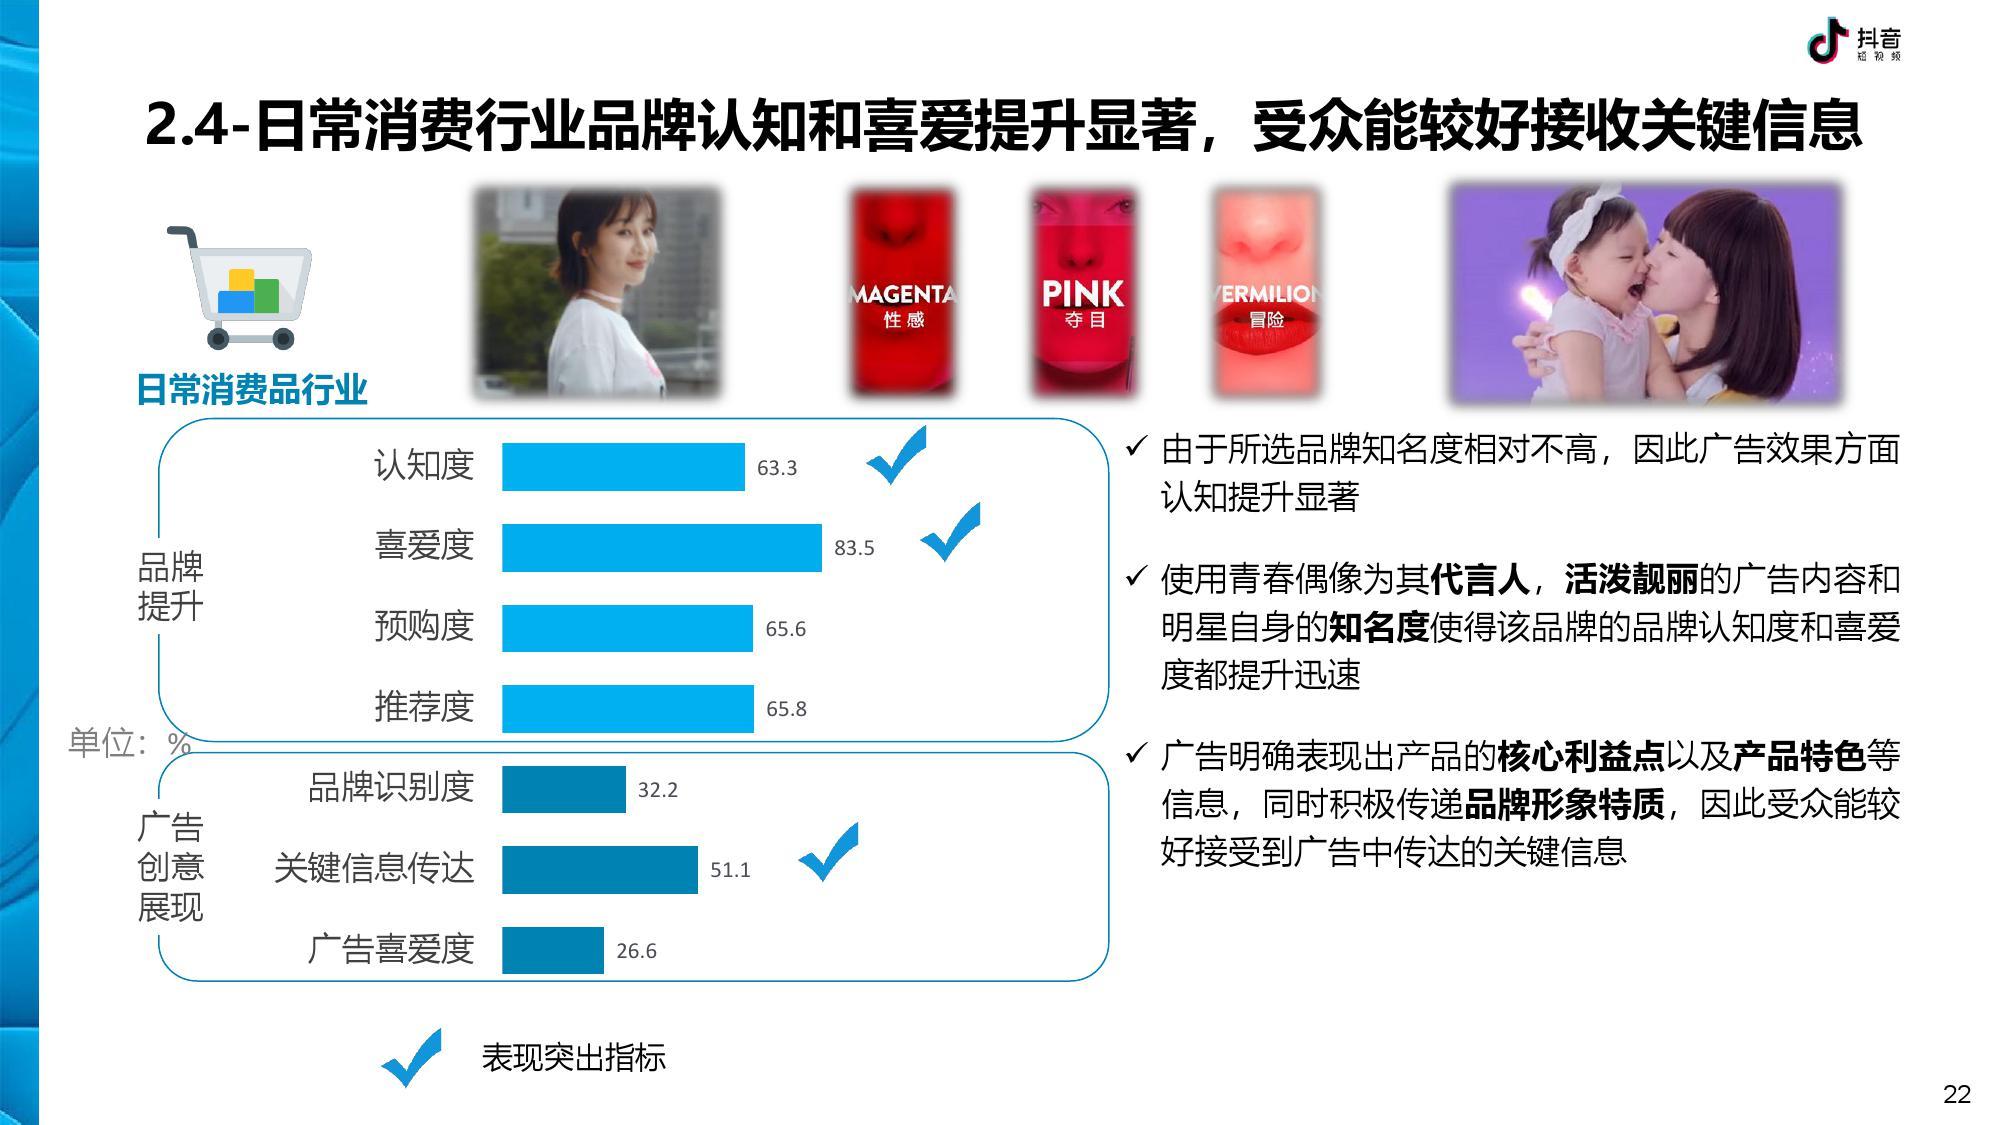 抖音 DTV 广告营销价值白皮书-CNMOAD 中文移动营销资讯 22